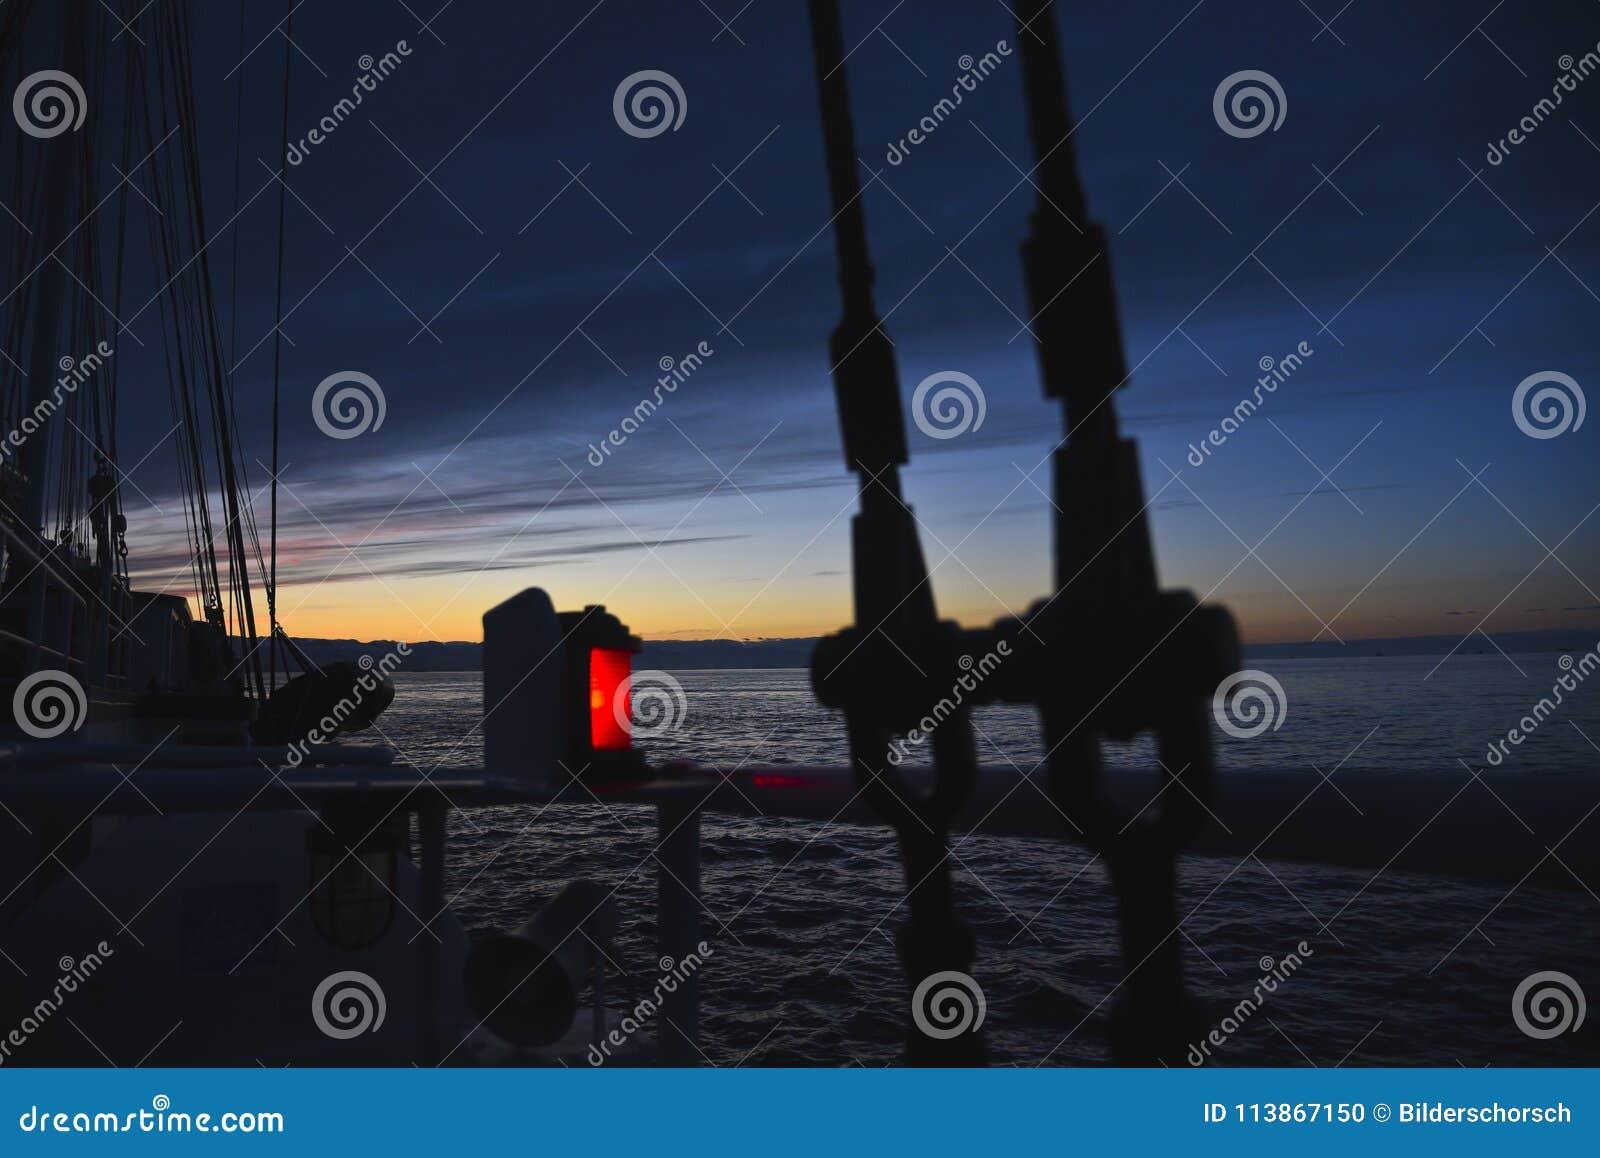 Navigatielicht van een schip